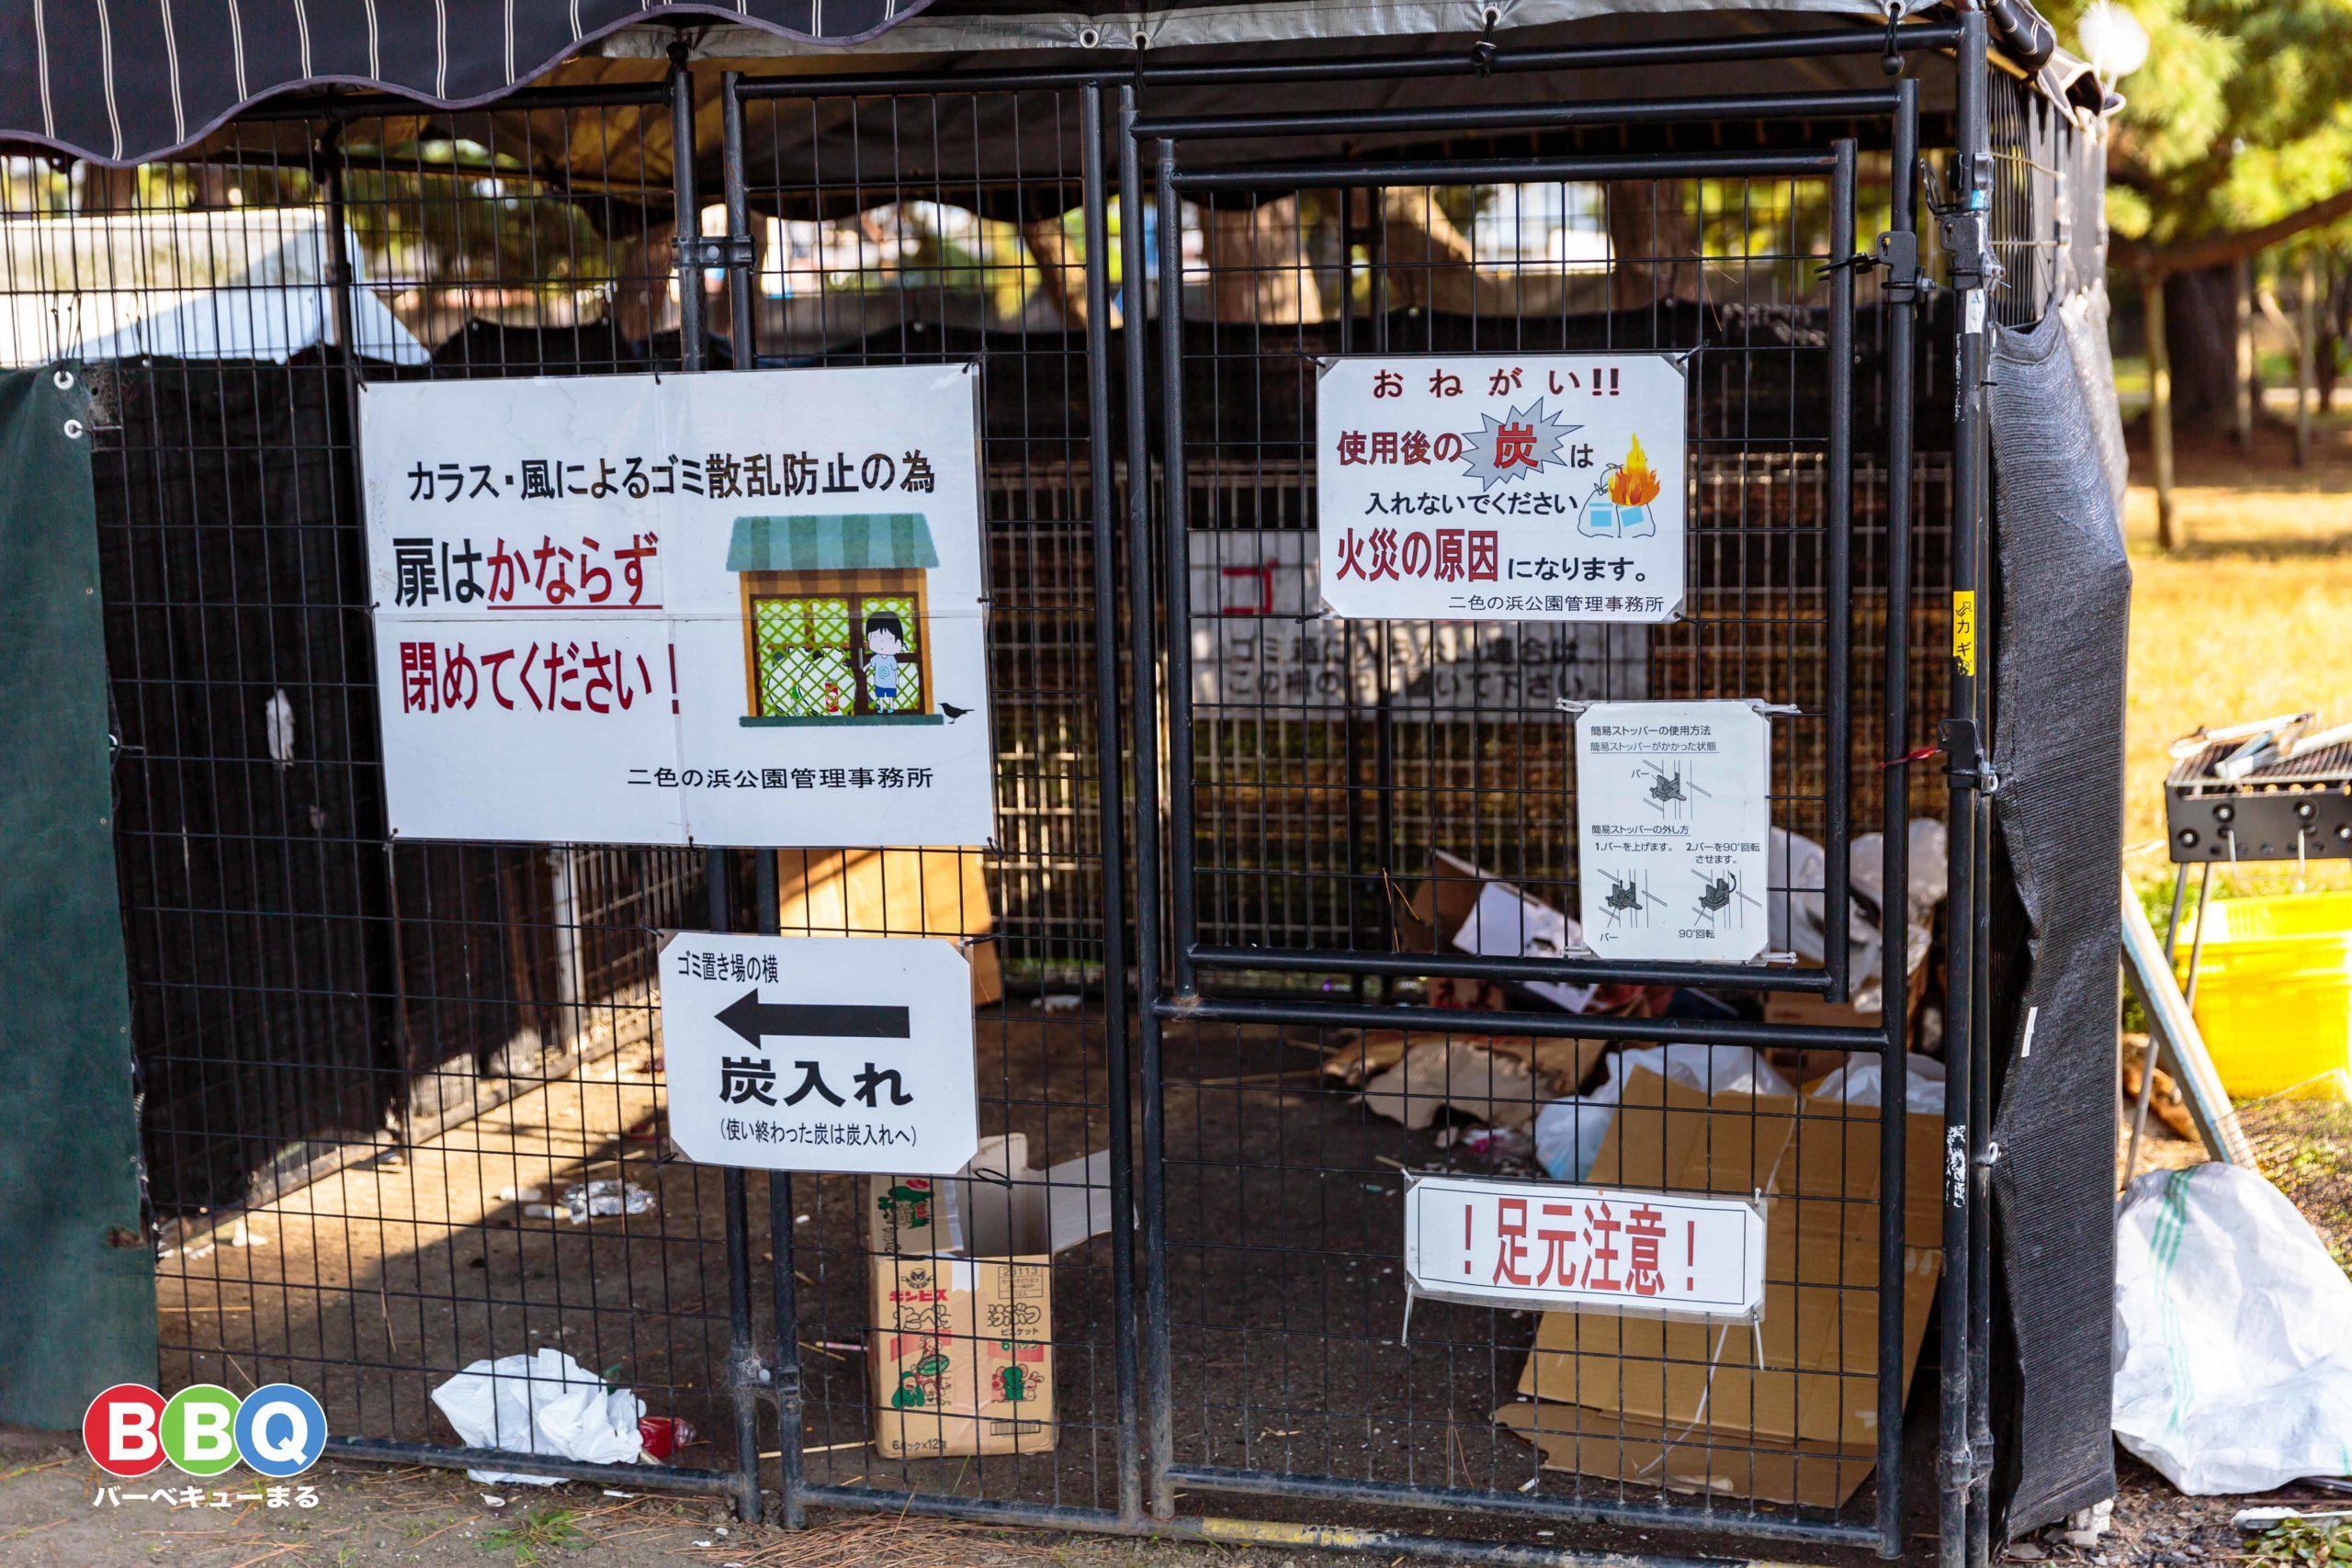 二色の浜中央地区無料BBQ可能区域のゴミ捨て場注意書き